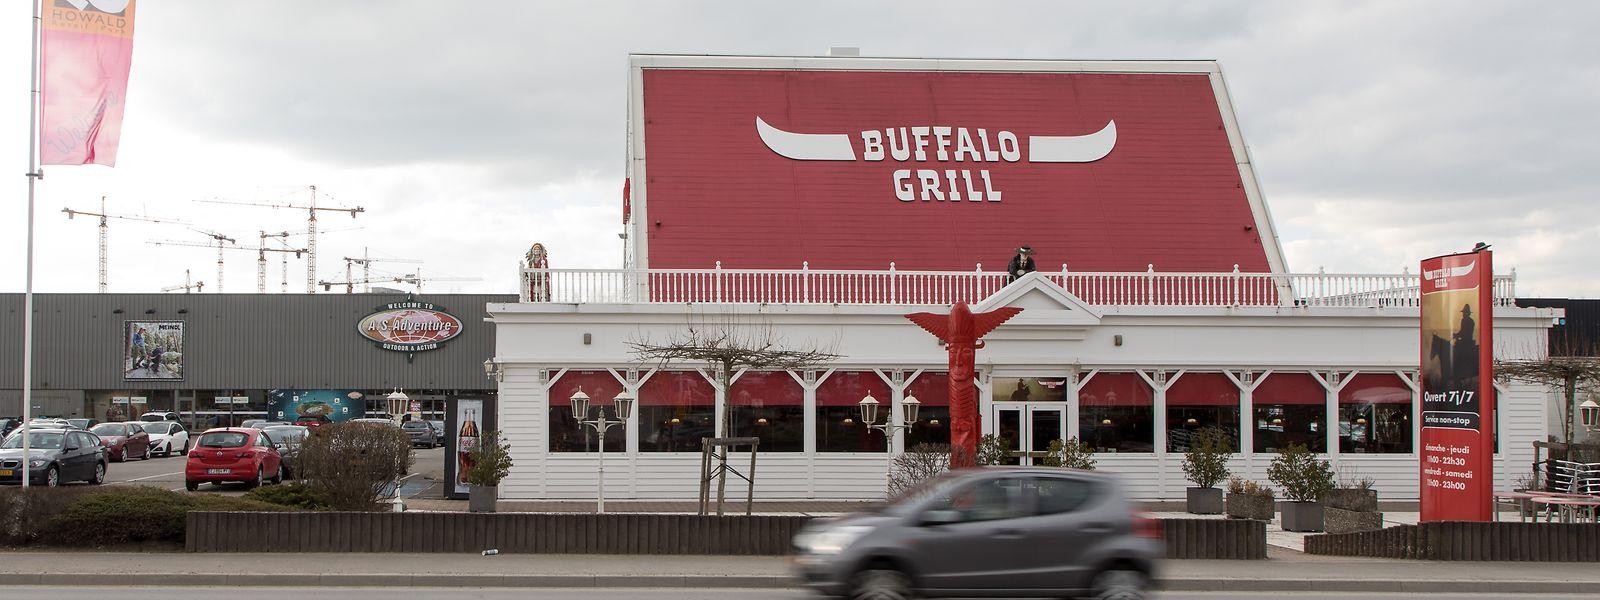 Die Rue des Scillas wird im Hinblick auf die Tram verbreitert. Das Restaurant Buffalo-Grill und die dahinter gelegenen Geschäfte werden weichen, stattdessen ist ein neues Projekt geplant.